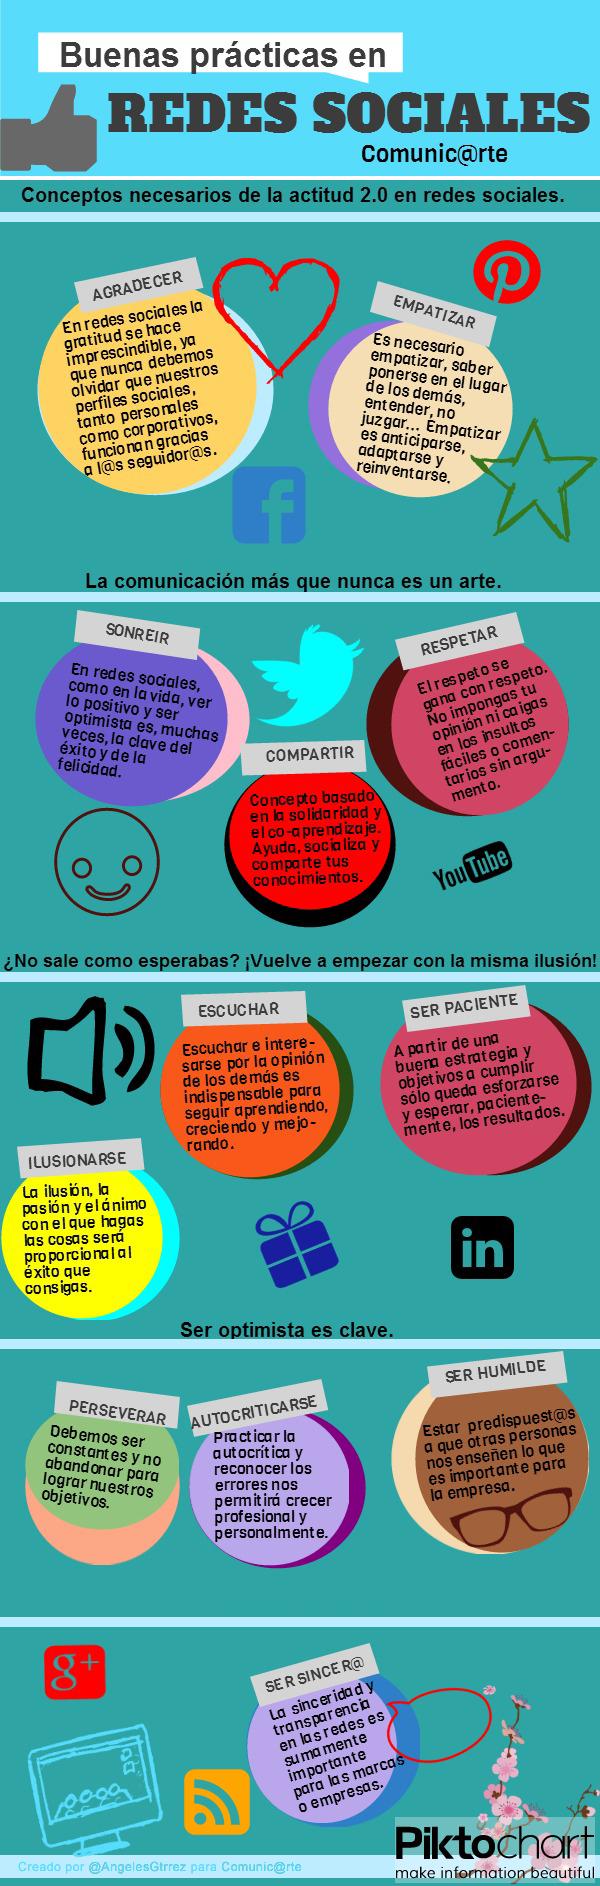 Buenas prácticas en Redes Sociales.